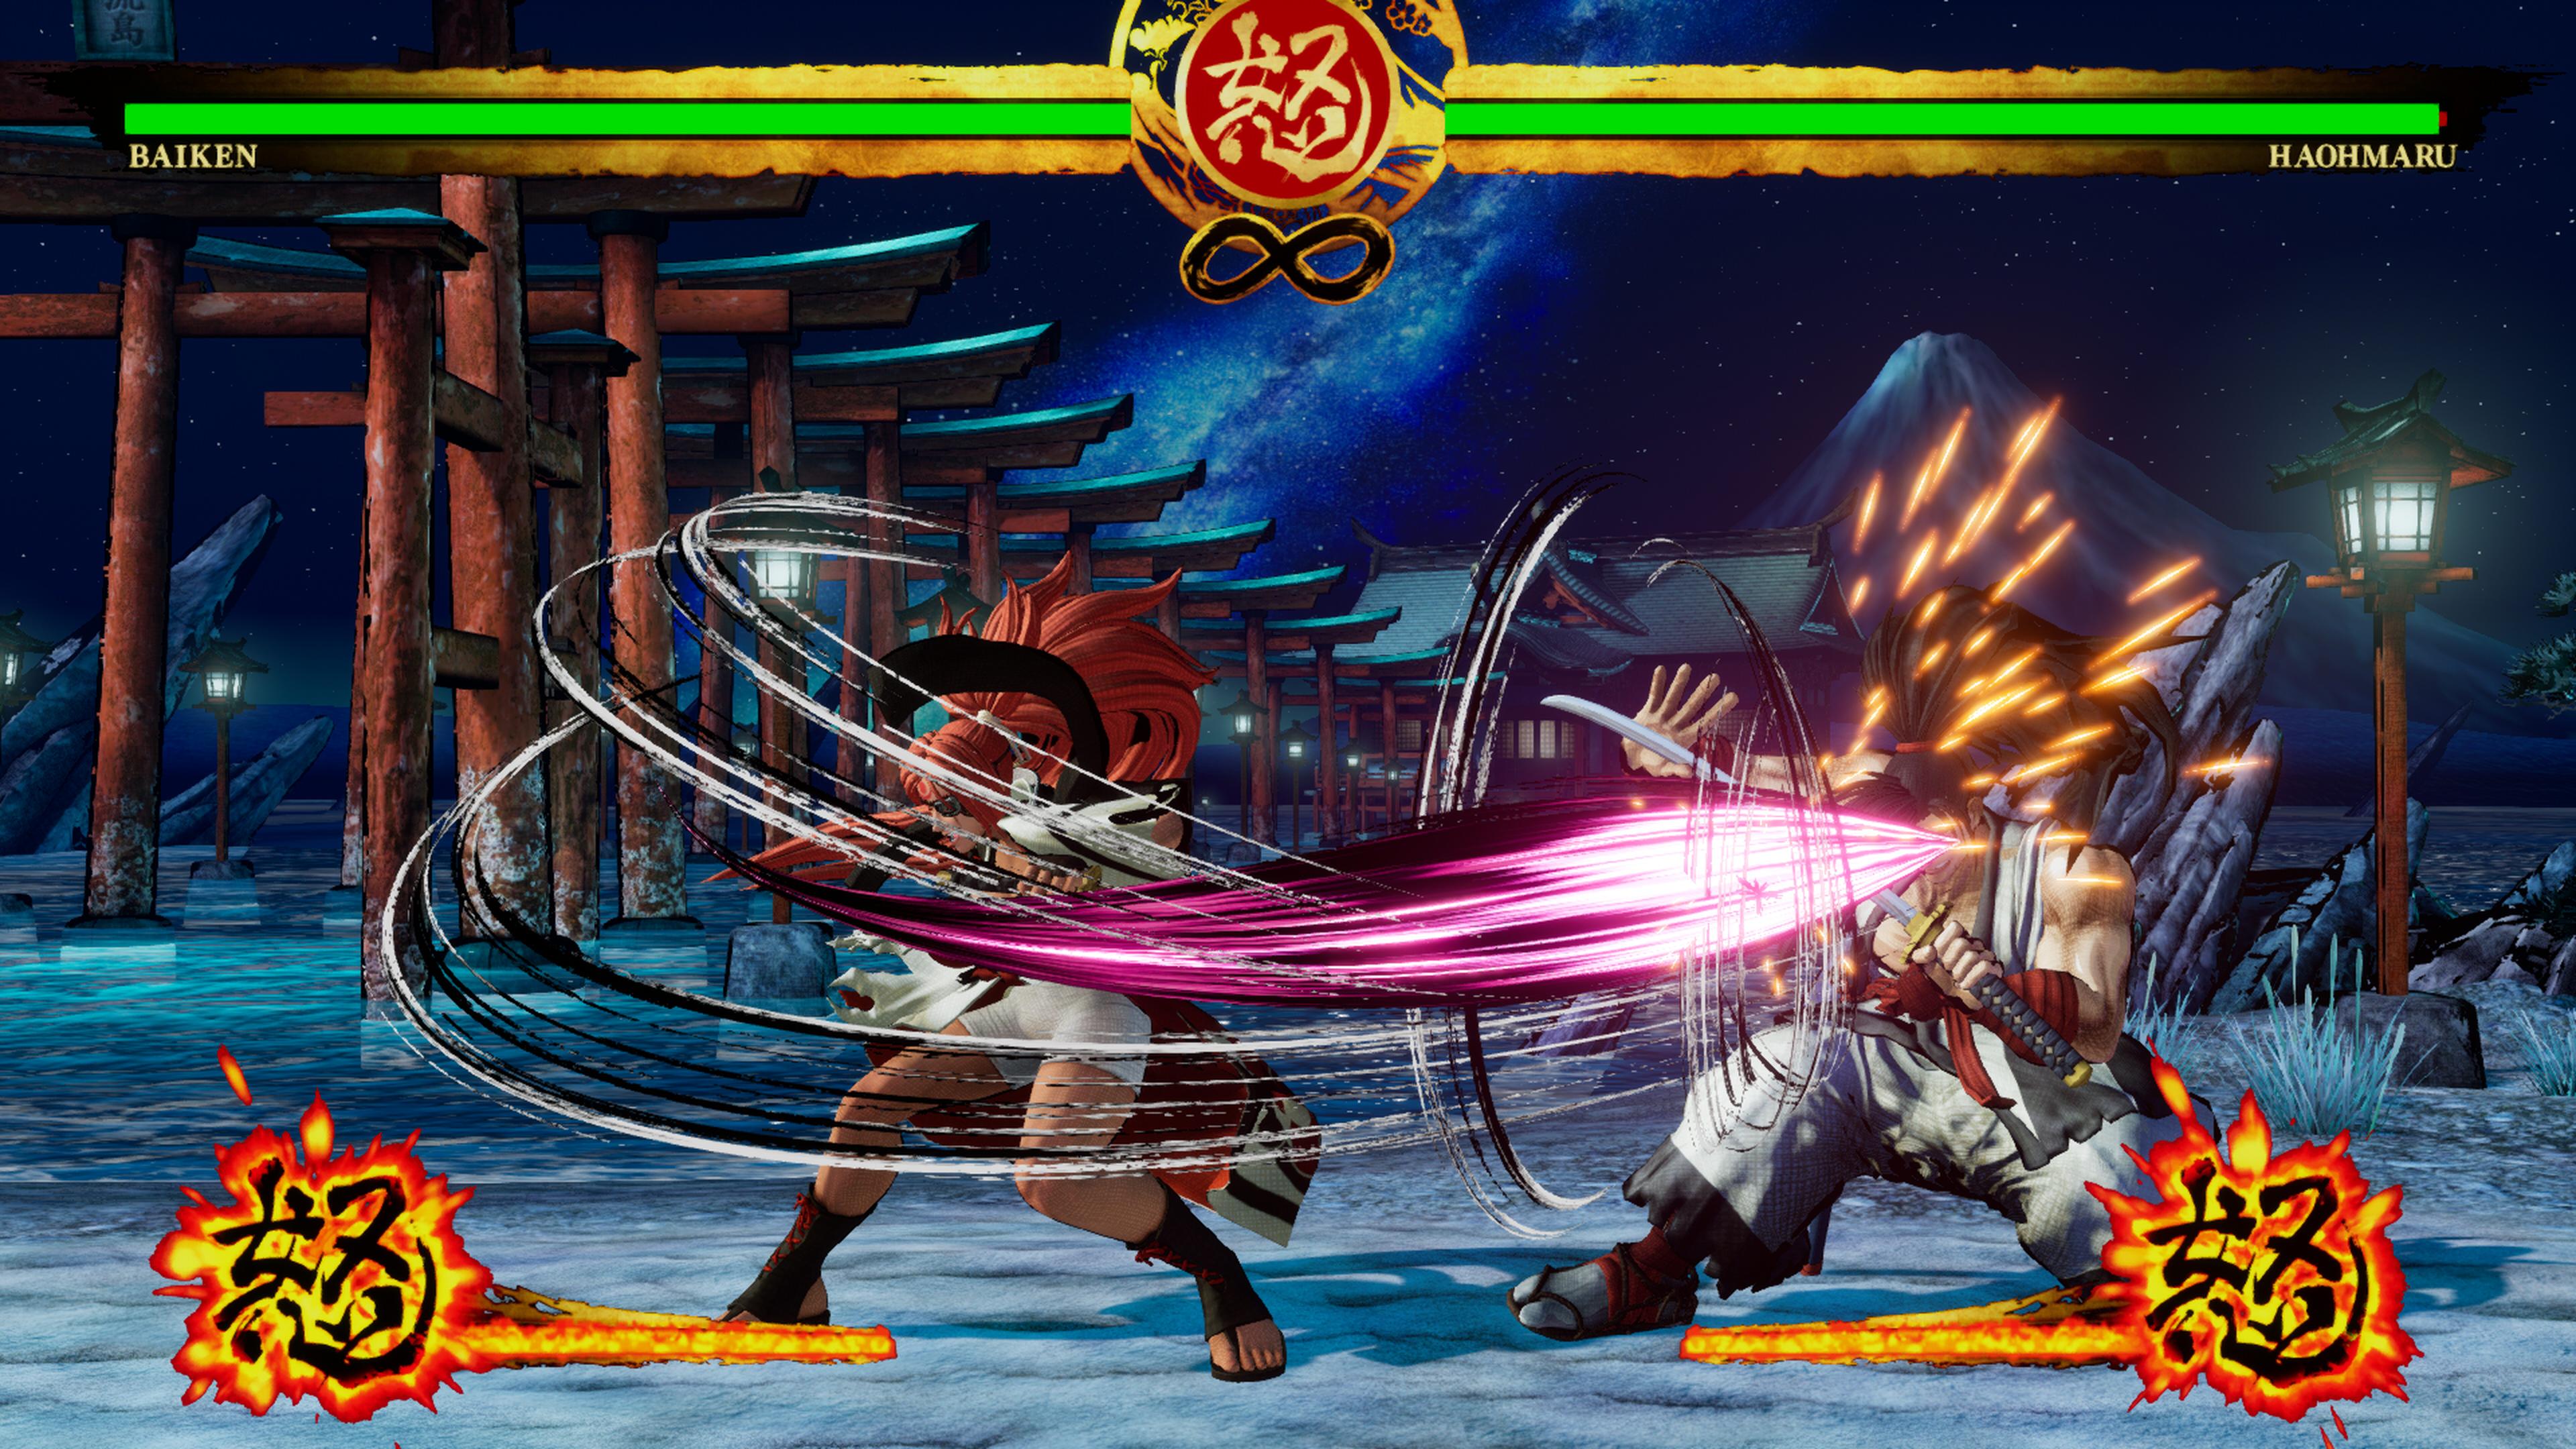 Скриншот №6 к SAMURAI SHODOWN DLC С ПЕРСОНАЖЕМ «BAIKEN»